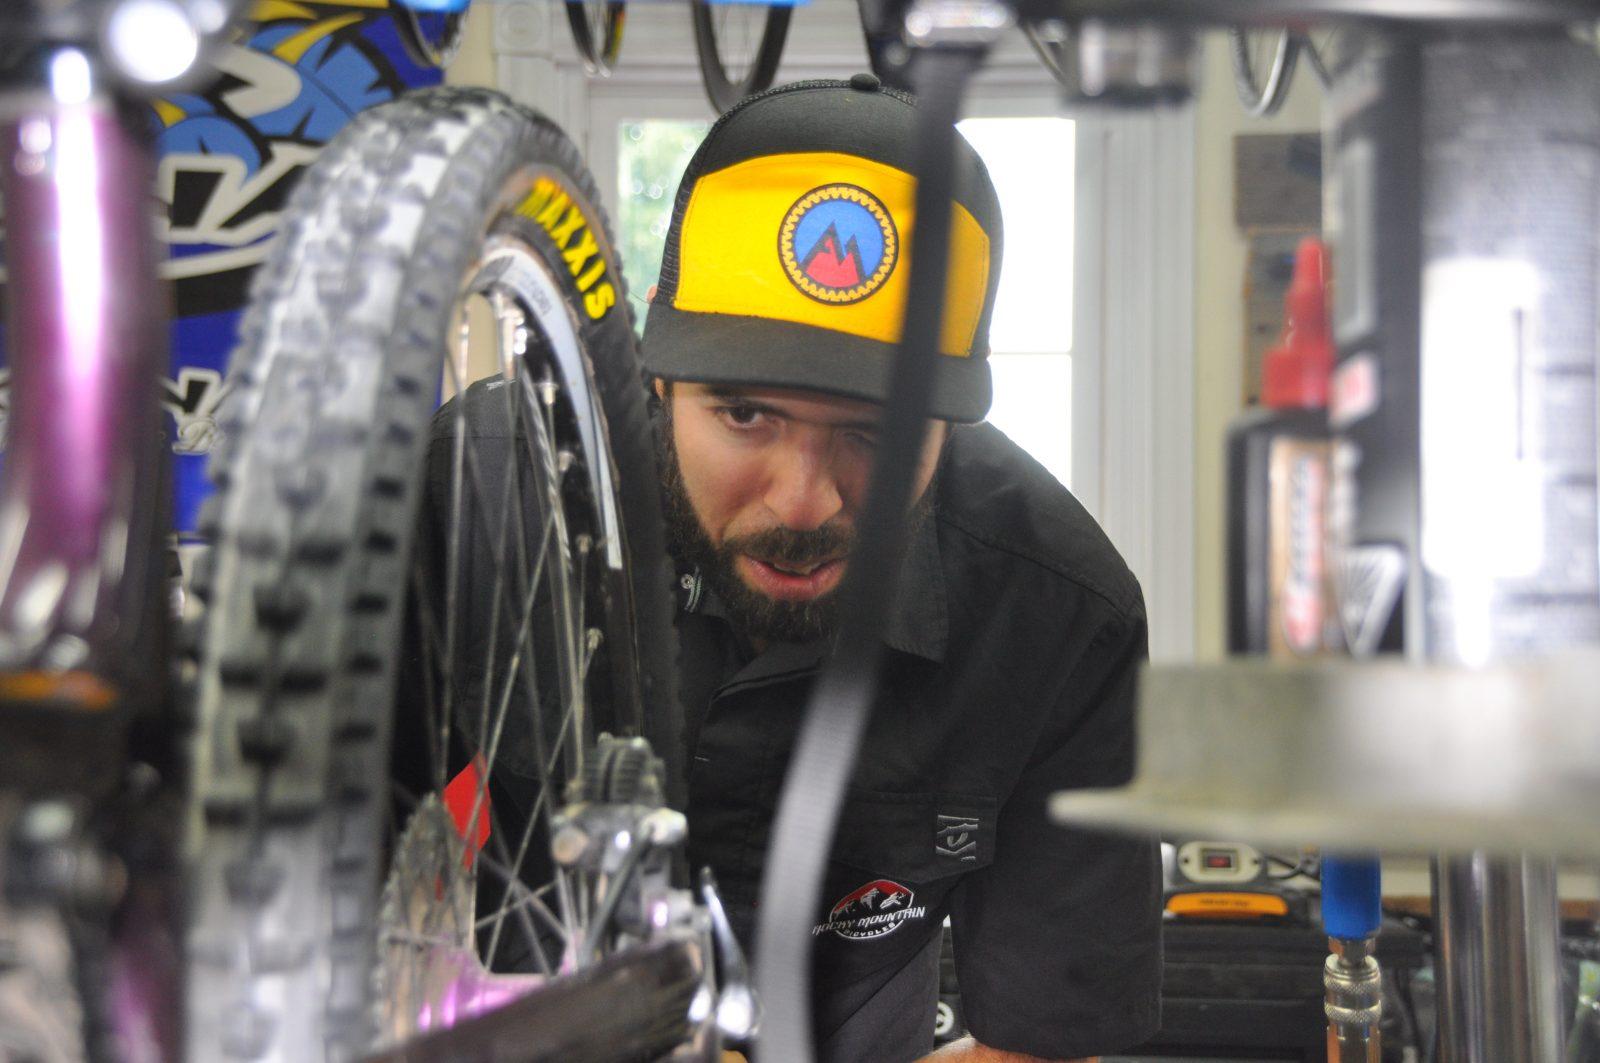 Mécano aux Championnats canadiens de vélo de montagne: Toute une expérience pour Fabrice